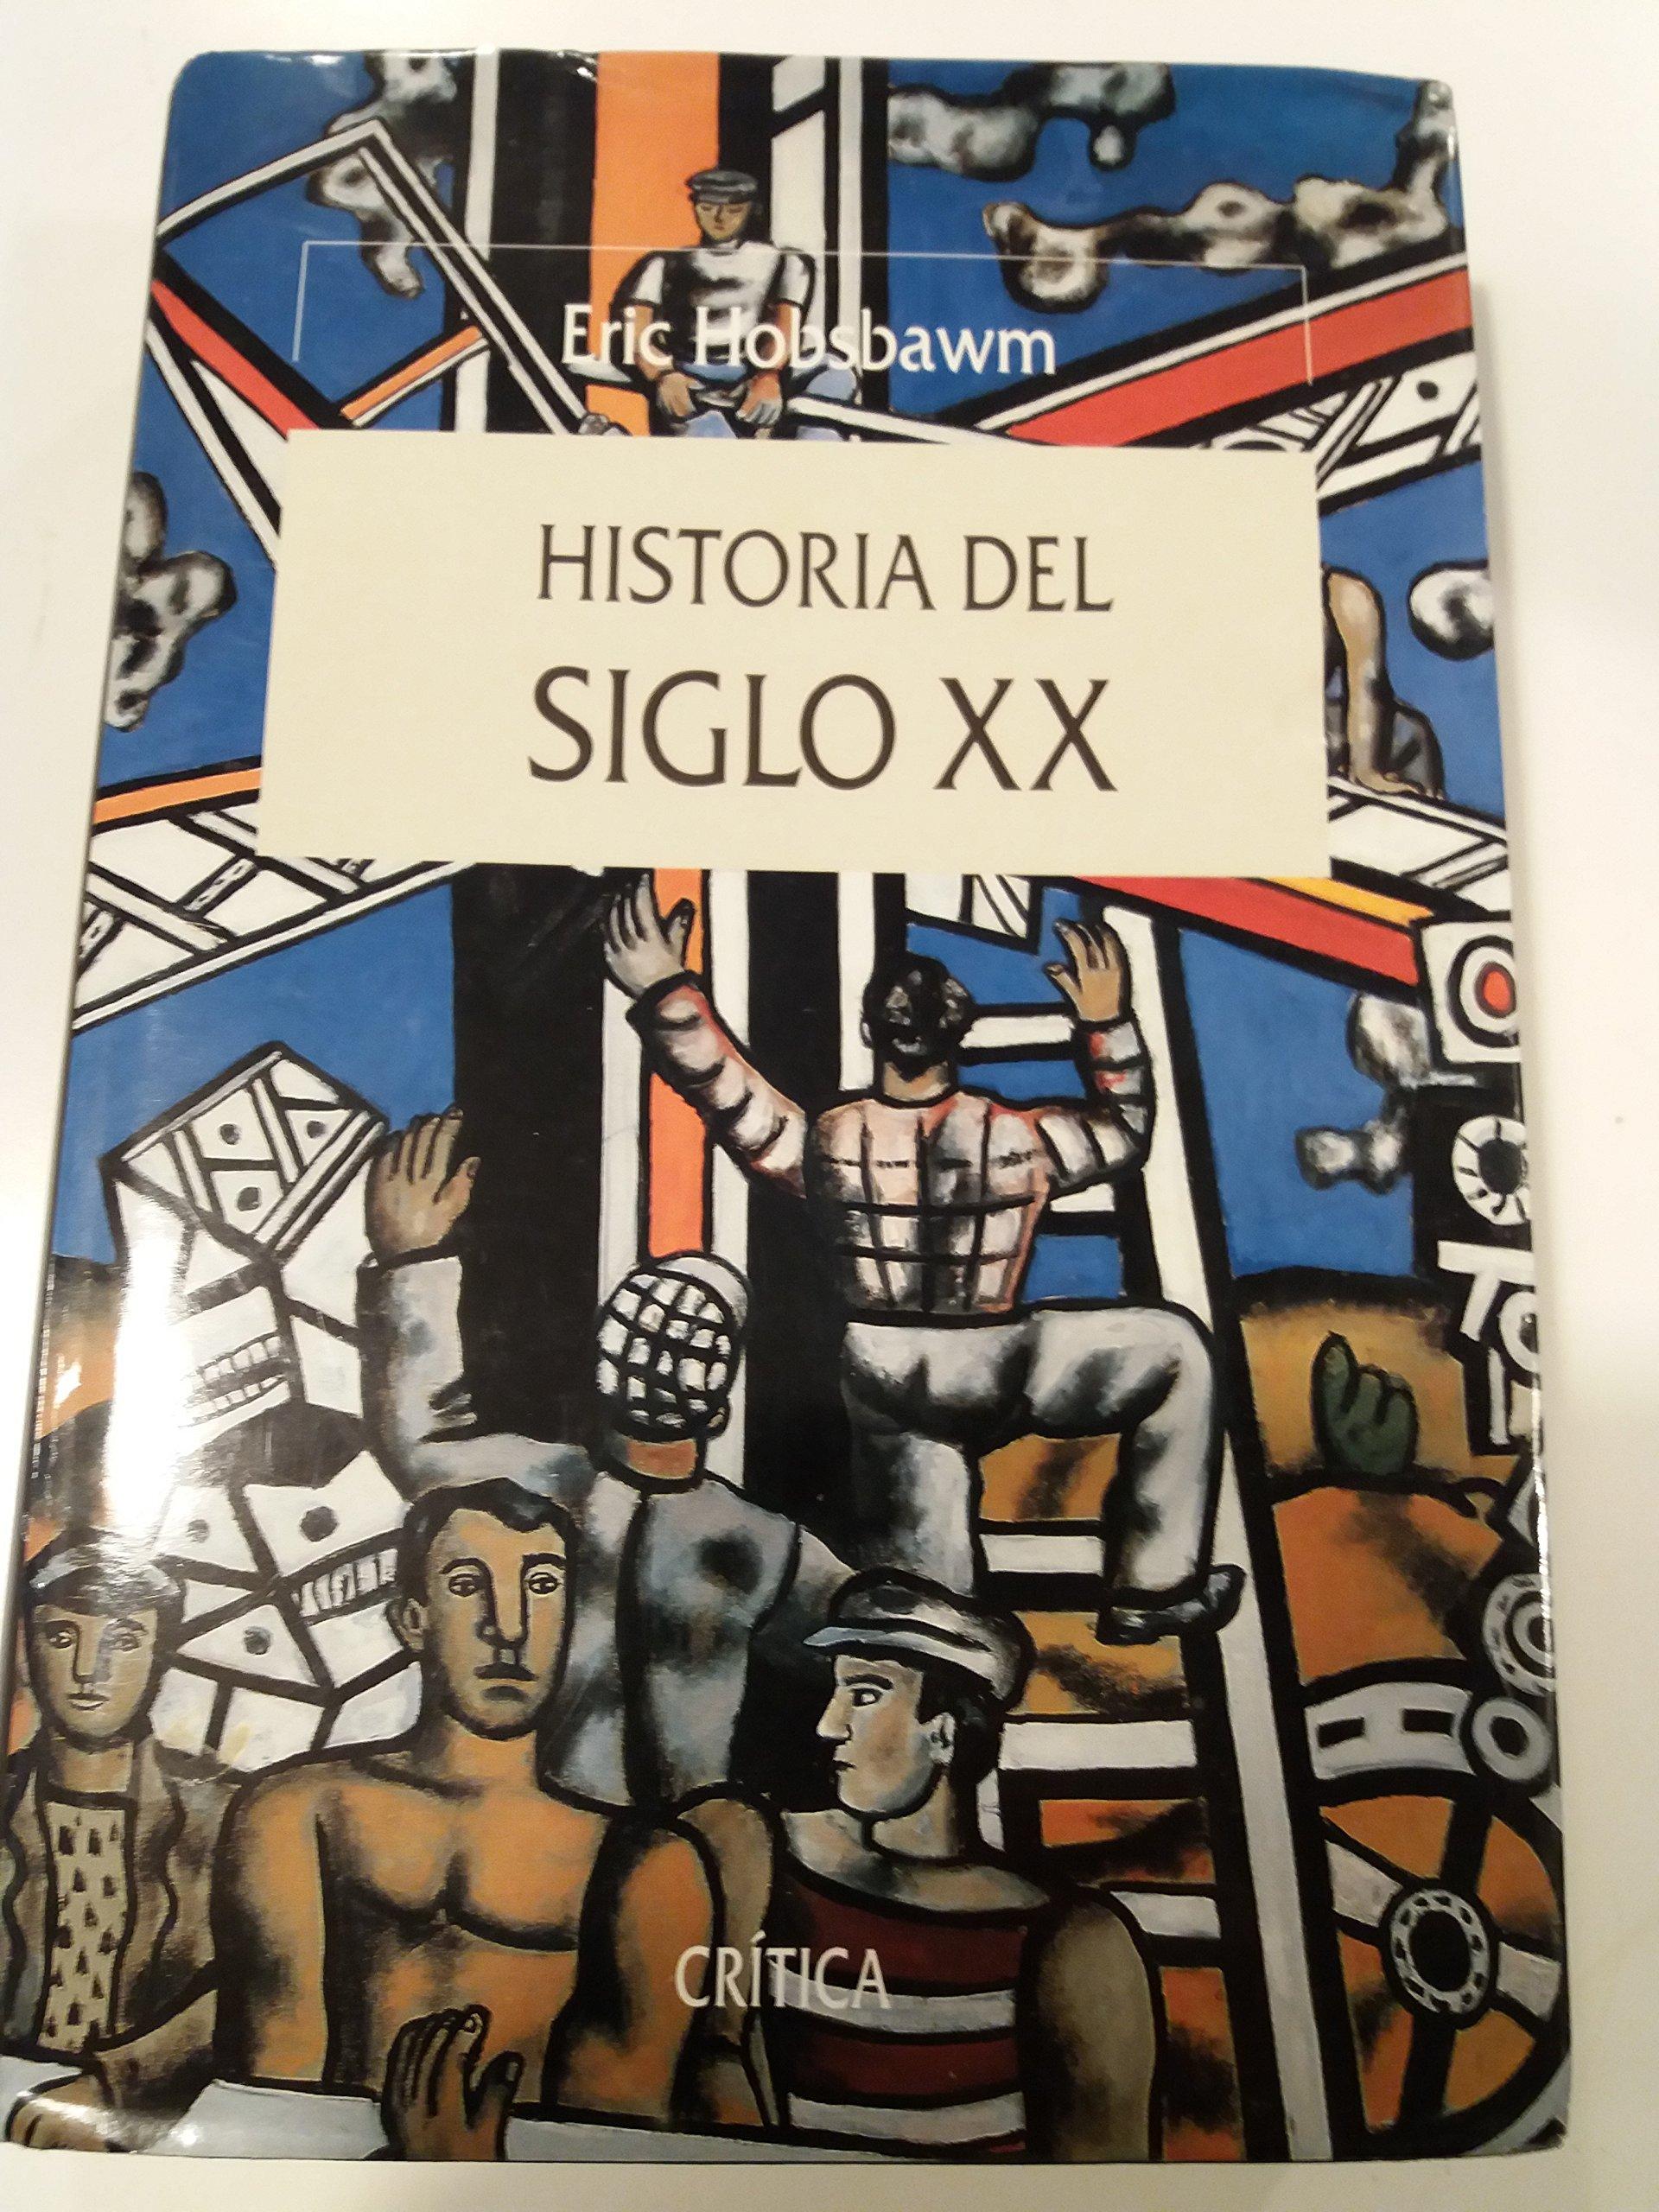 Historia del siglo XX: Amazon.es: Eric Hobsbawm: Libros